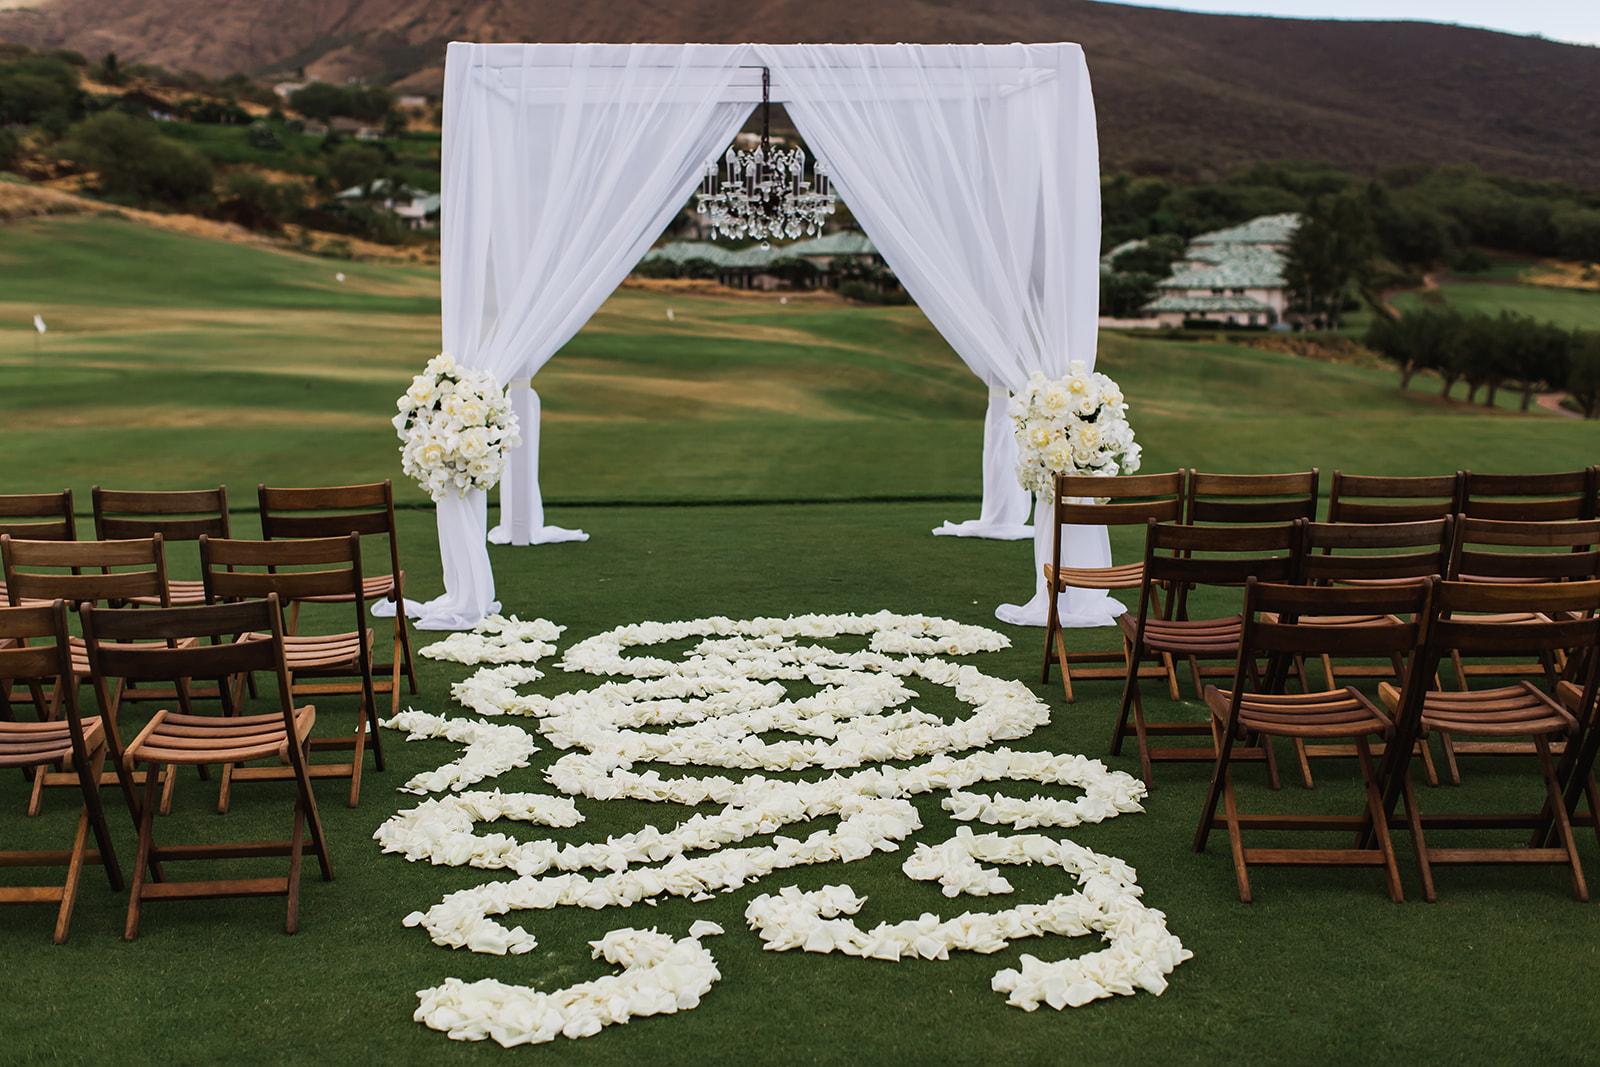 NV Maui Media